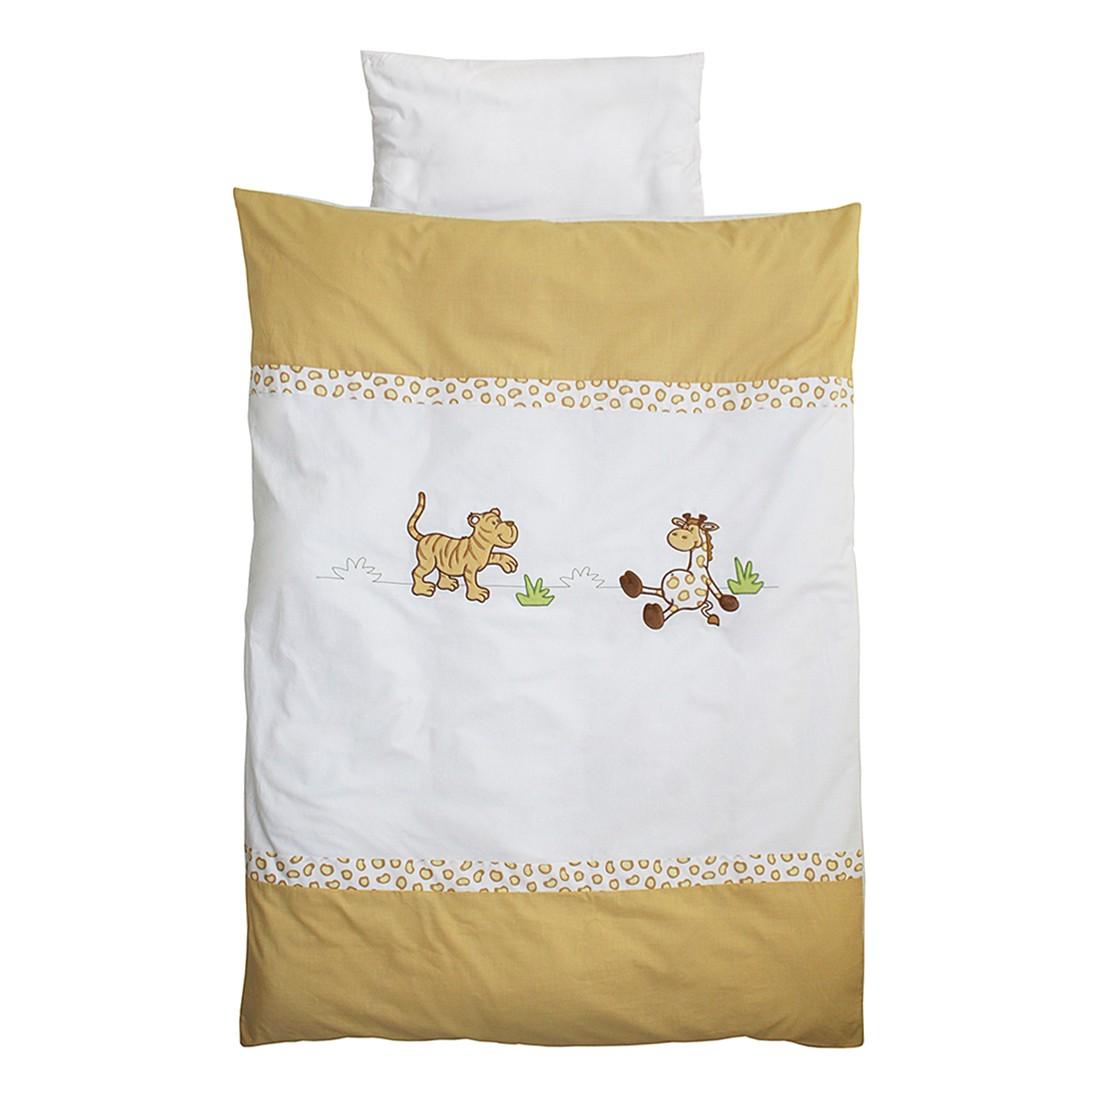 home24 Babybettwaesche Safari (2-teilig) | Kinderzimmer > Babymöbel > Babybetten & Babywiegen | Weiss | Textil | Roba